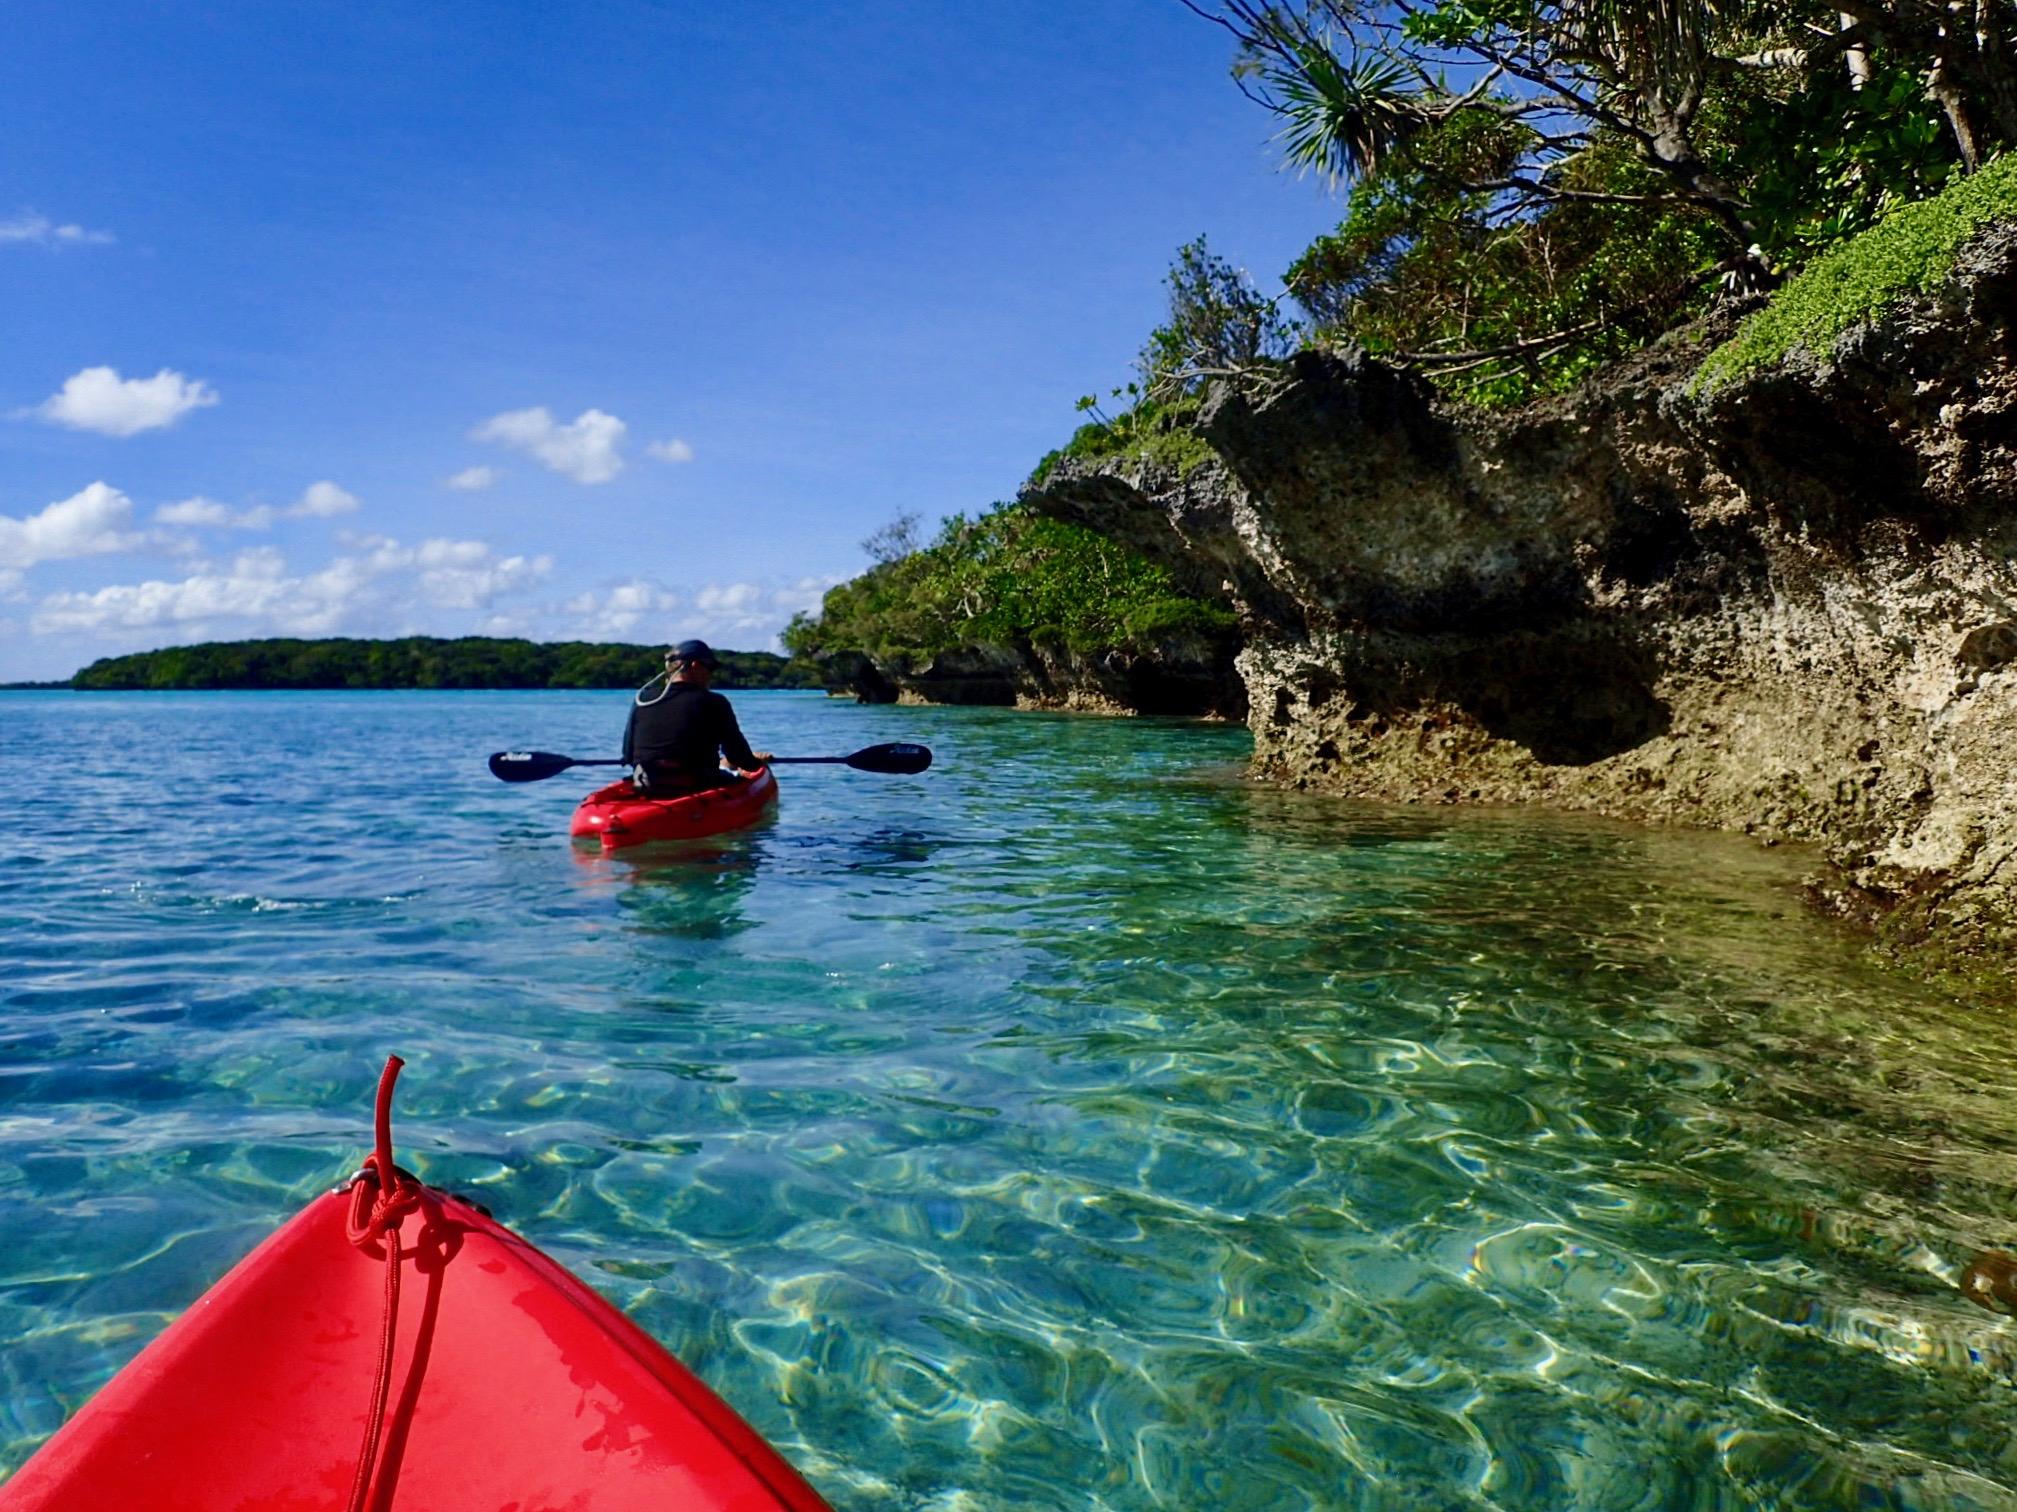 Gadji kayaking